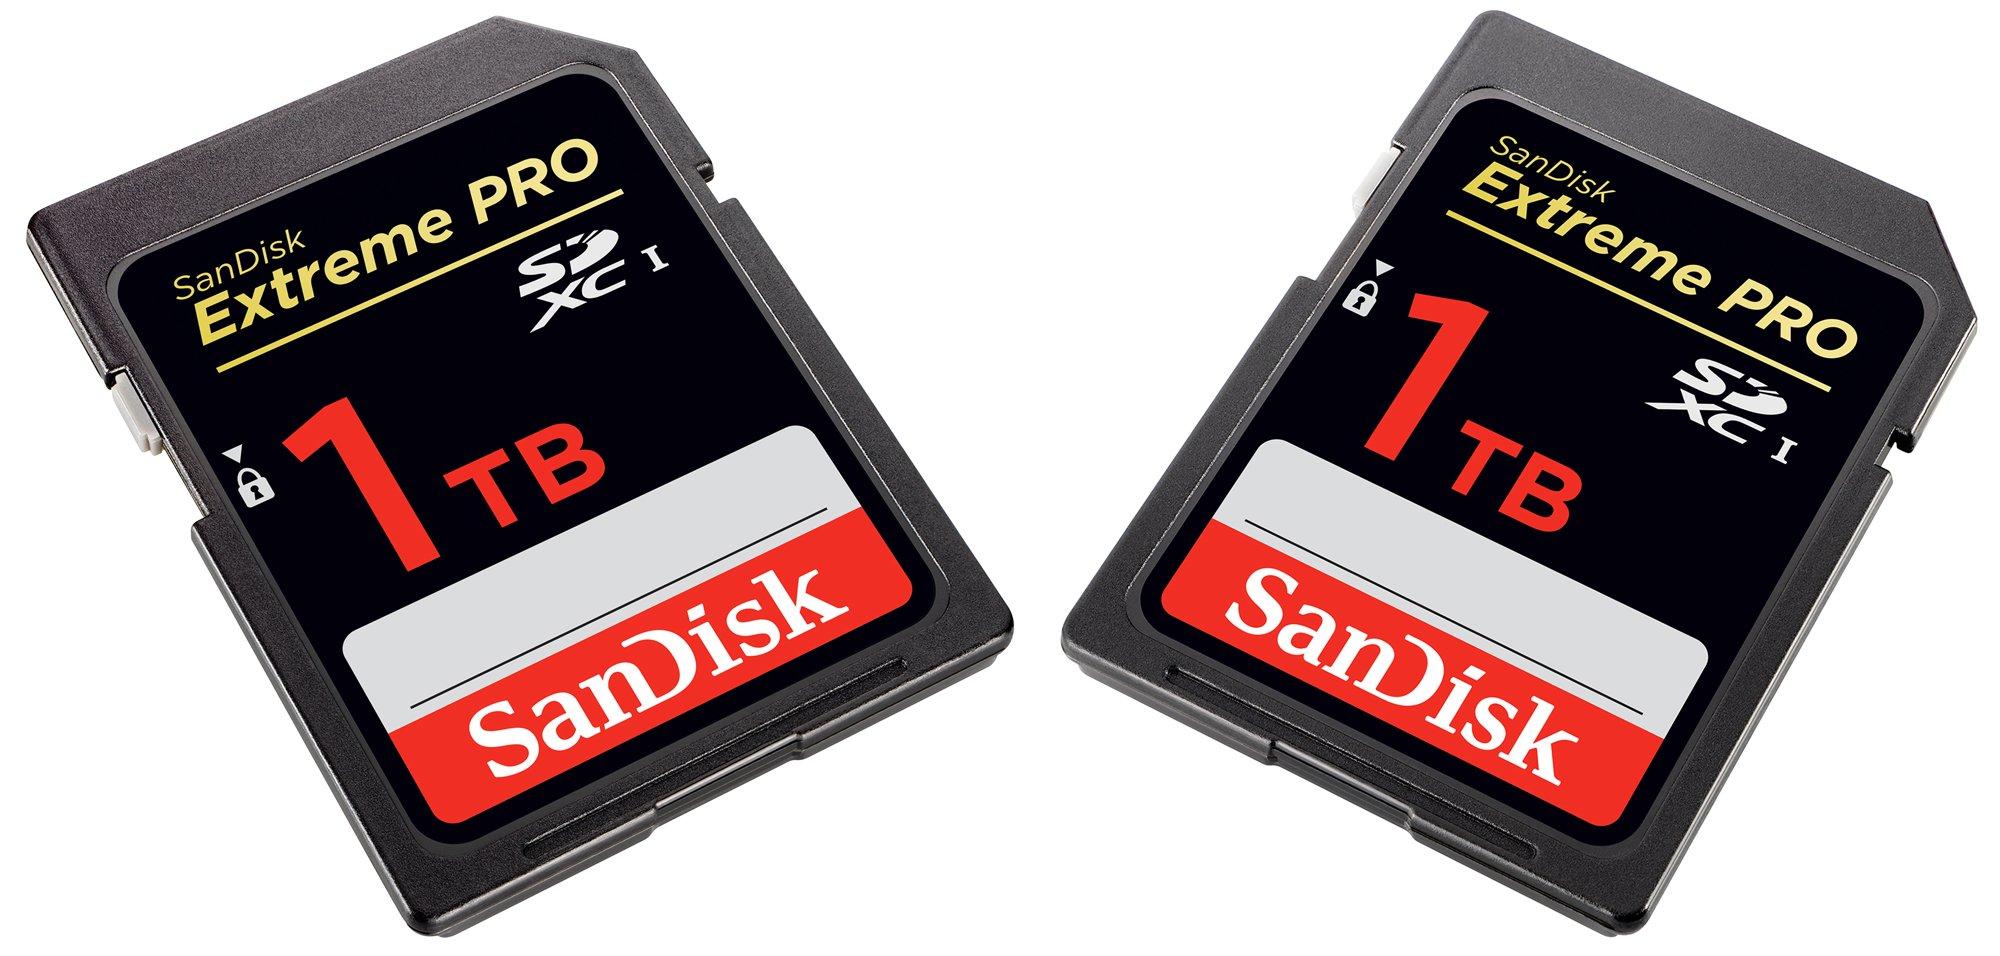 SanDisk annonce une carte SD dotée d'une capacité monstrueuse